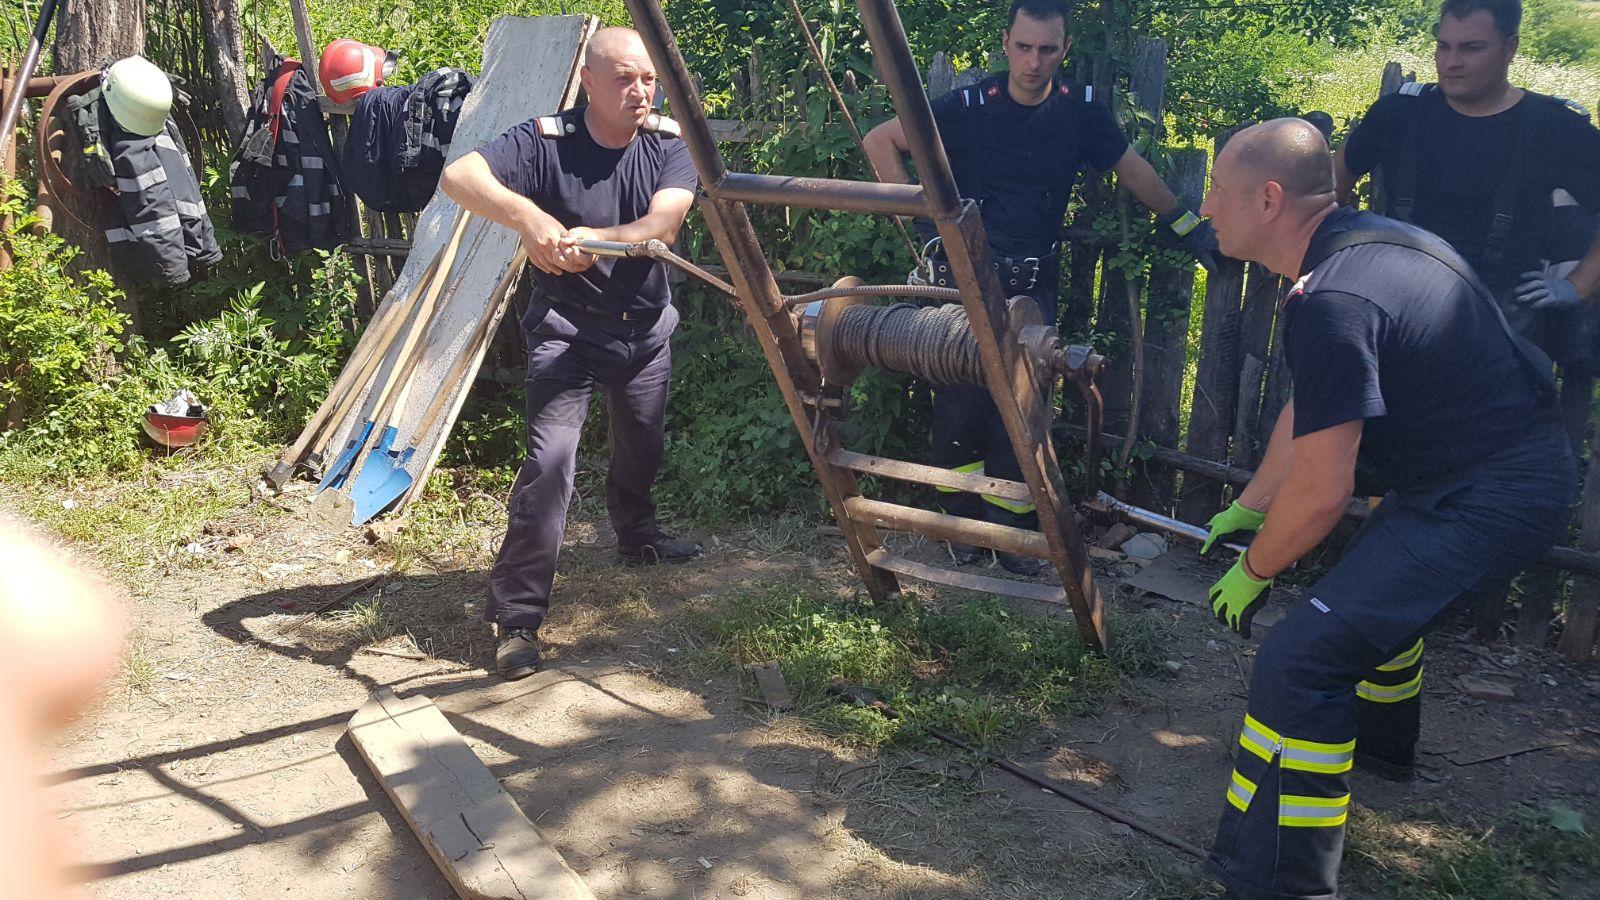 FOTO, VIDEO Intervenţie dificilă pentru salvarea unui bărbat prins sub un mal de pământ, la 12 metri adâncime